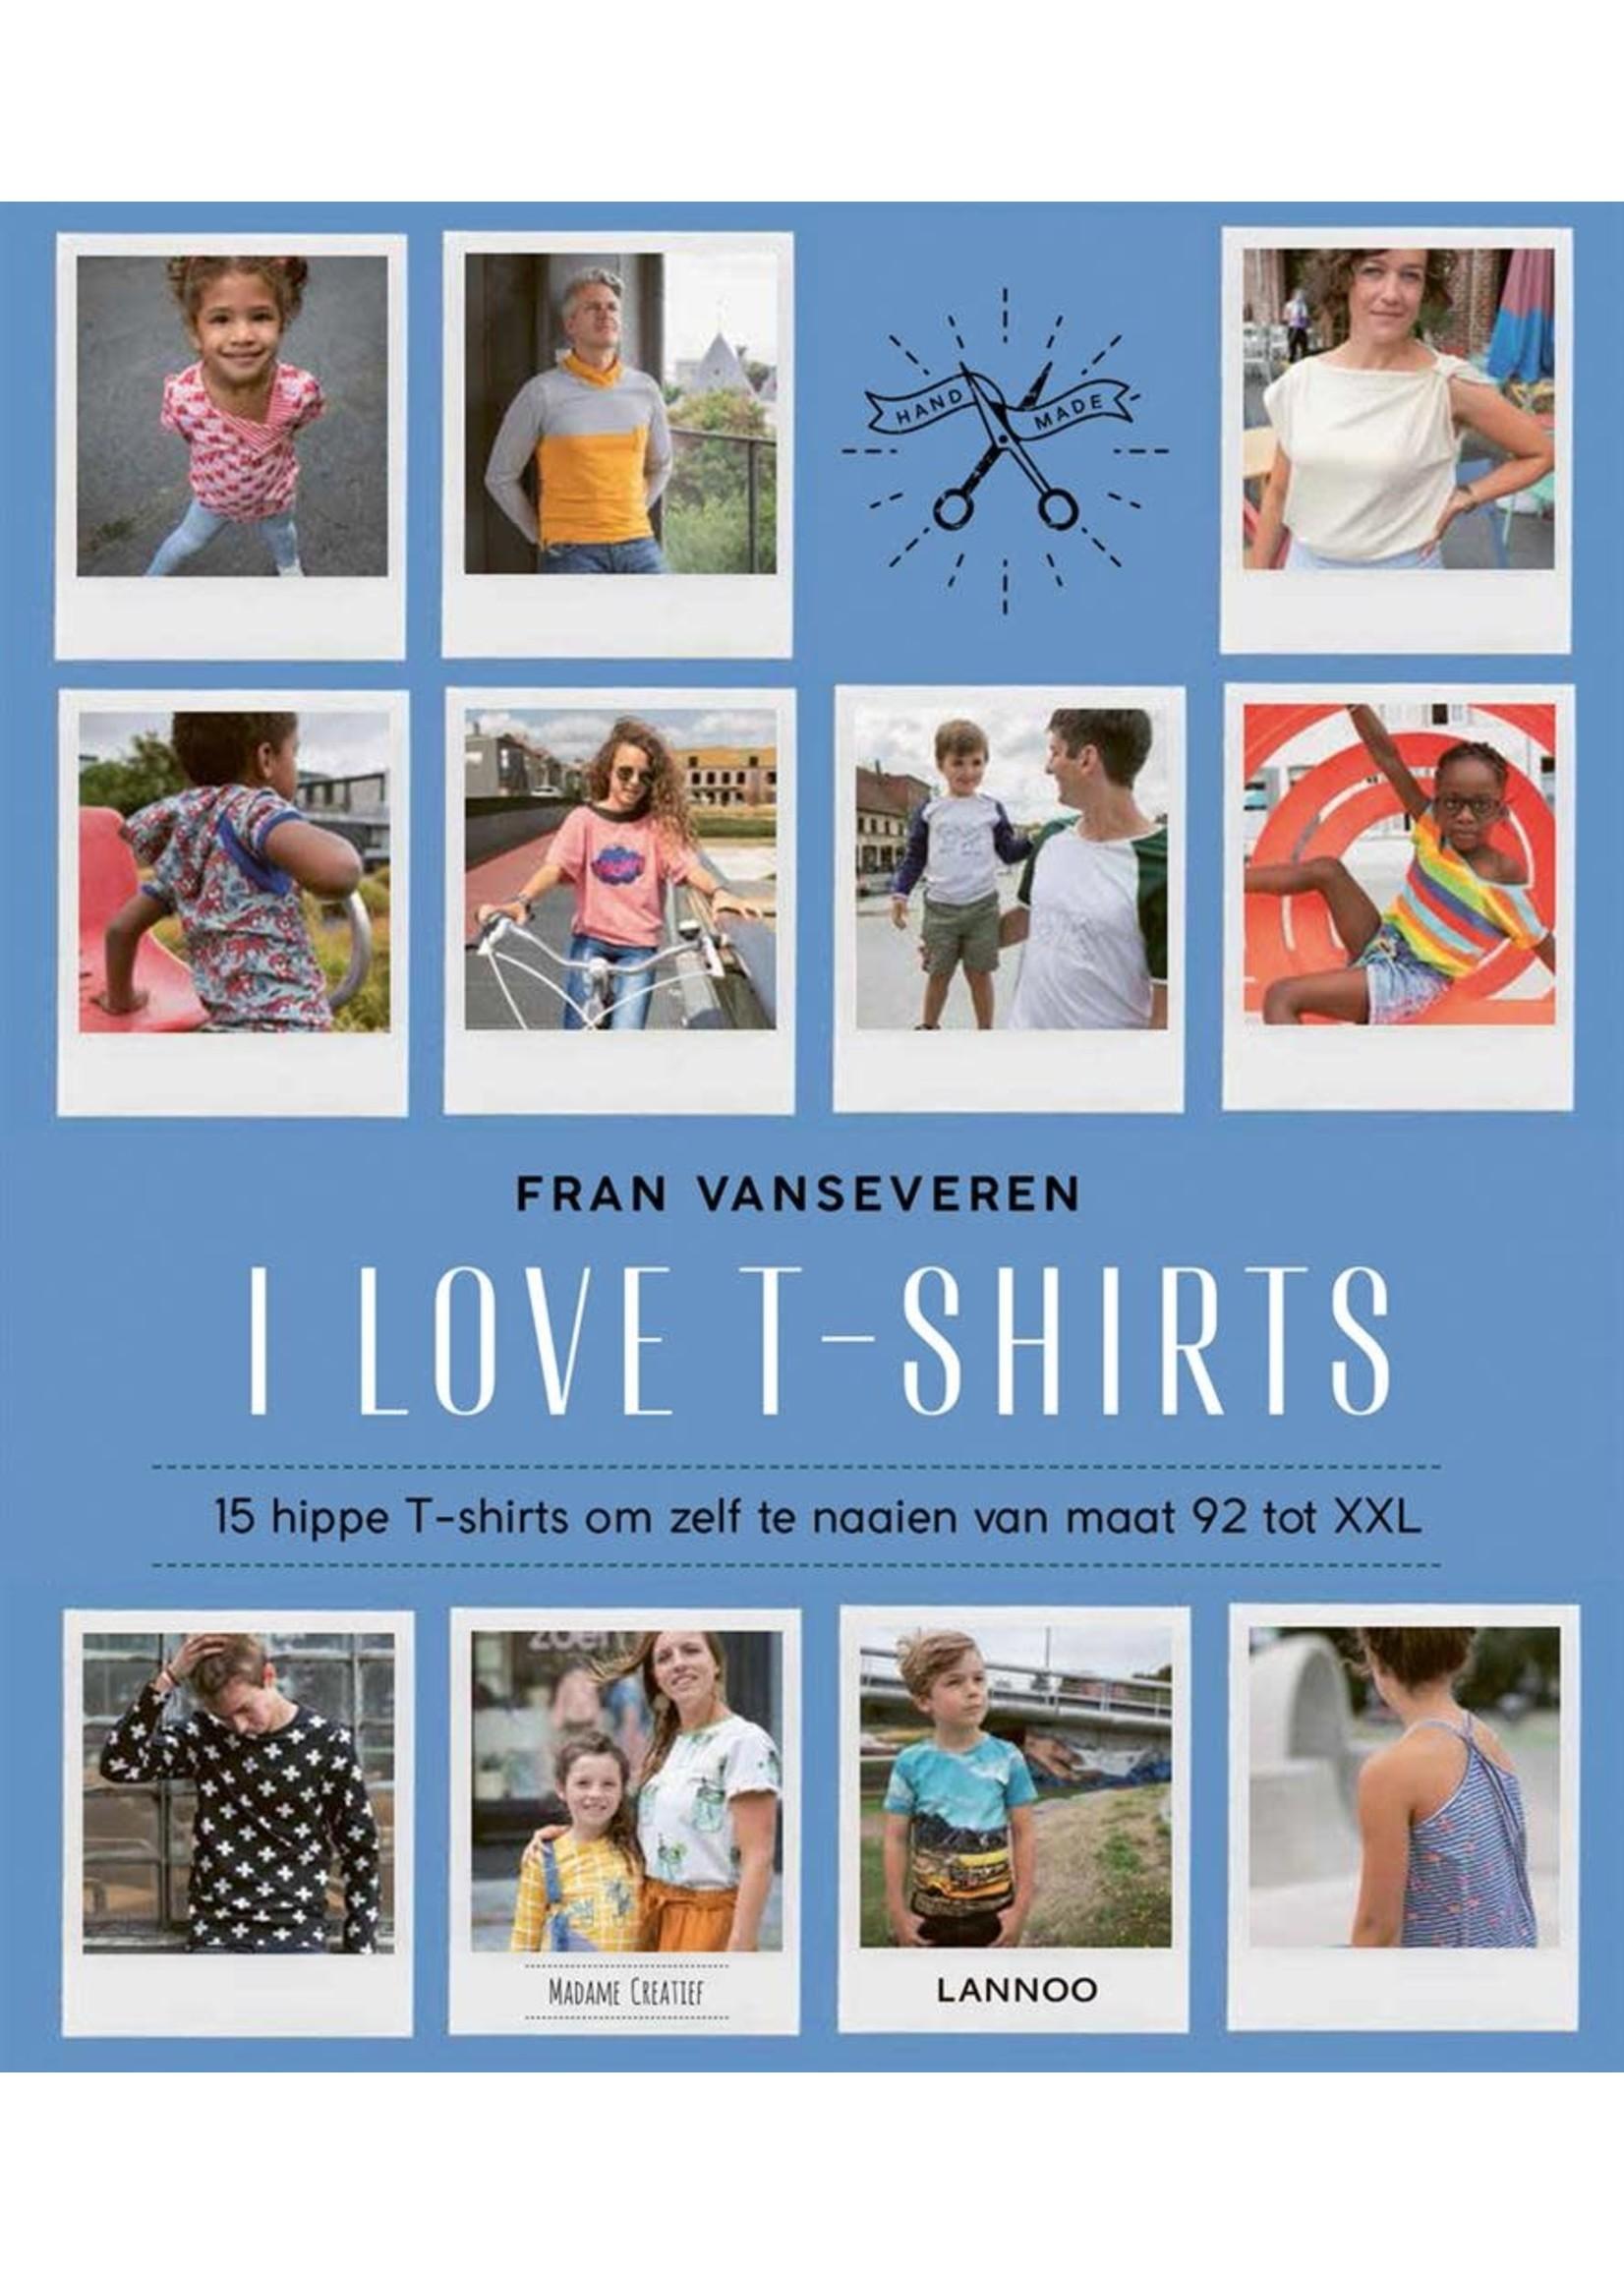 I love tshirts